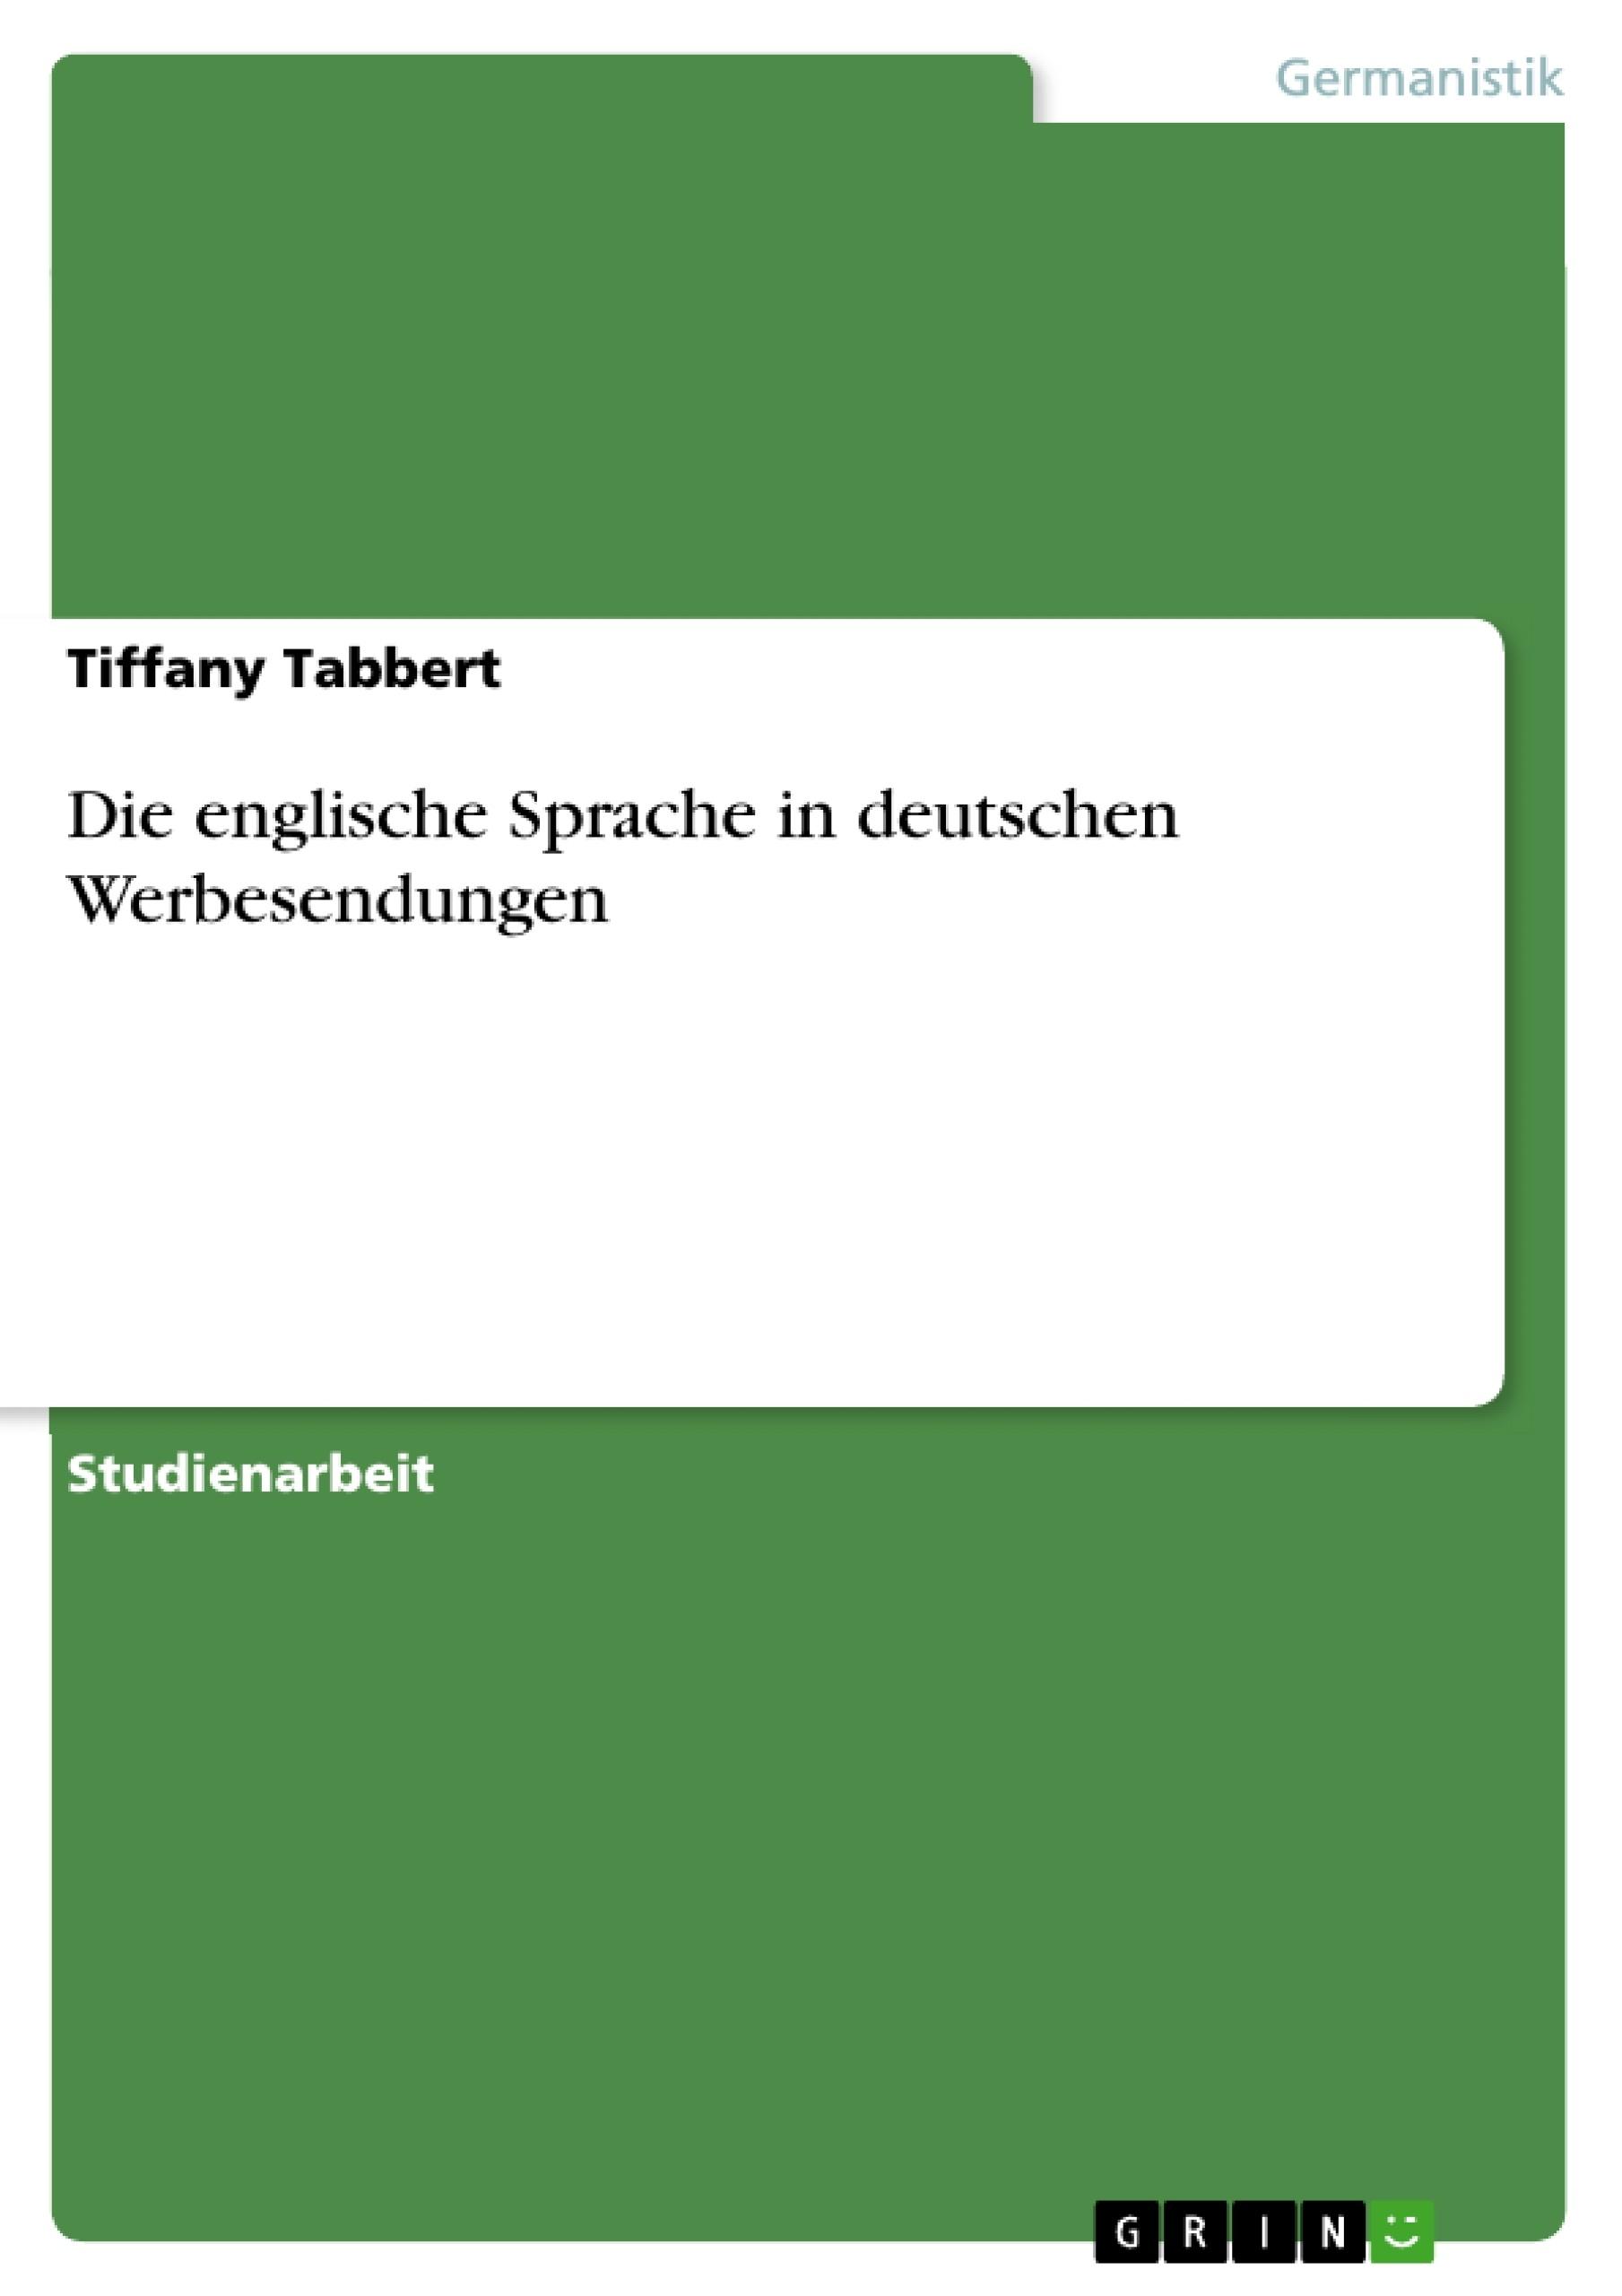 Titel: Die englische Sprache in deutschen Werbesendungen